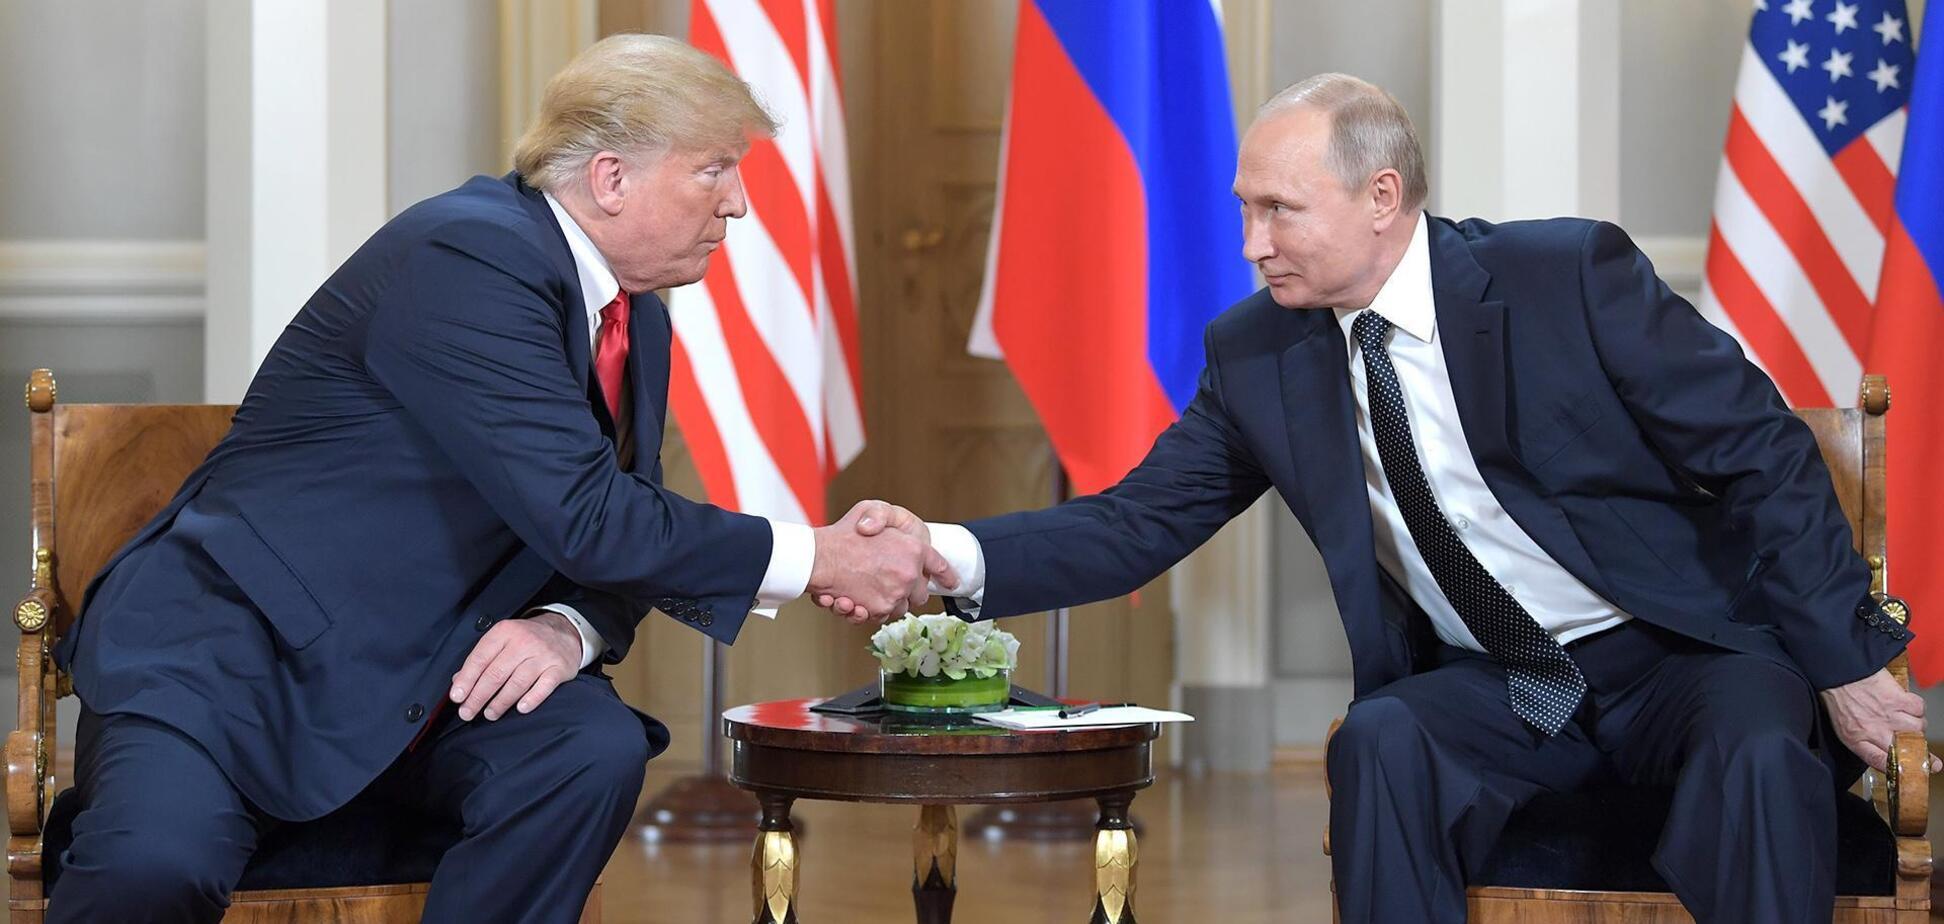 Встреча президента США Дональда Трампа и президента России Владимира Путина в Хельсинки